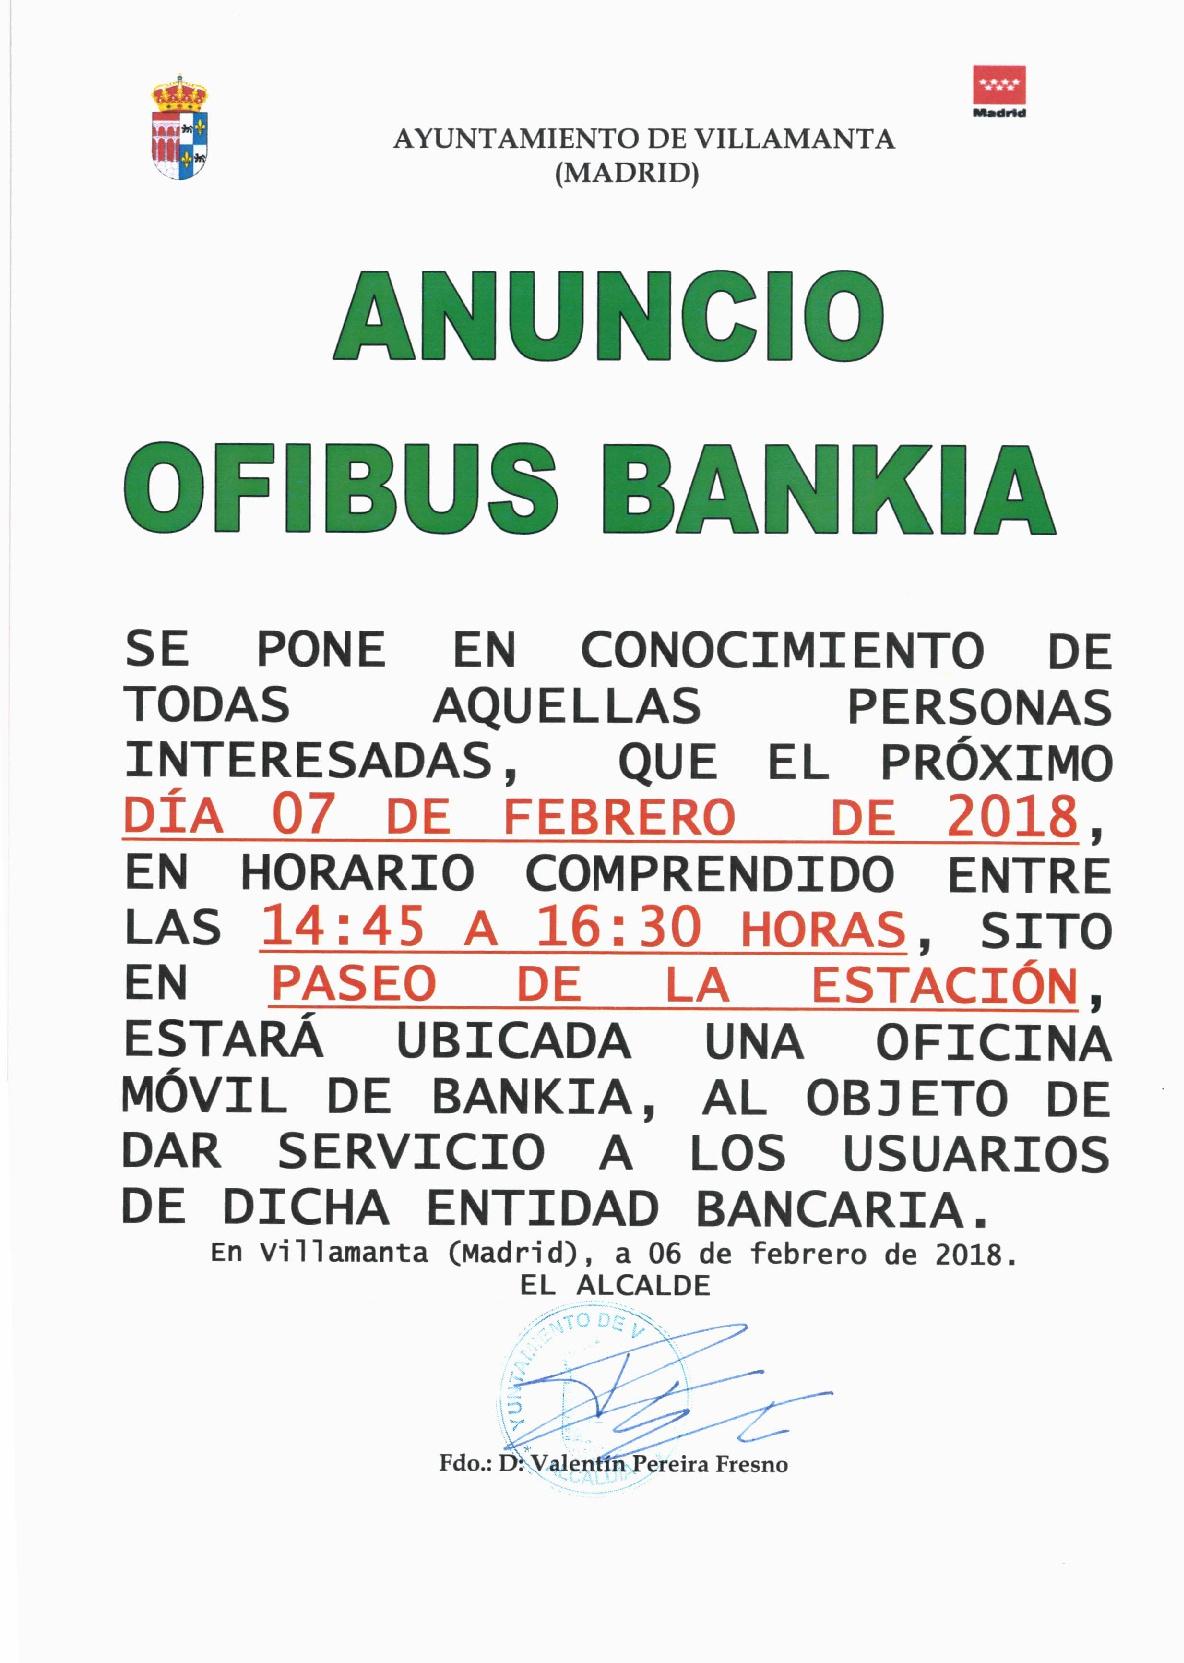 Ofibus Bankia 7/02/2018